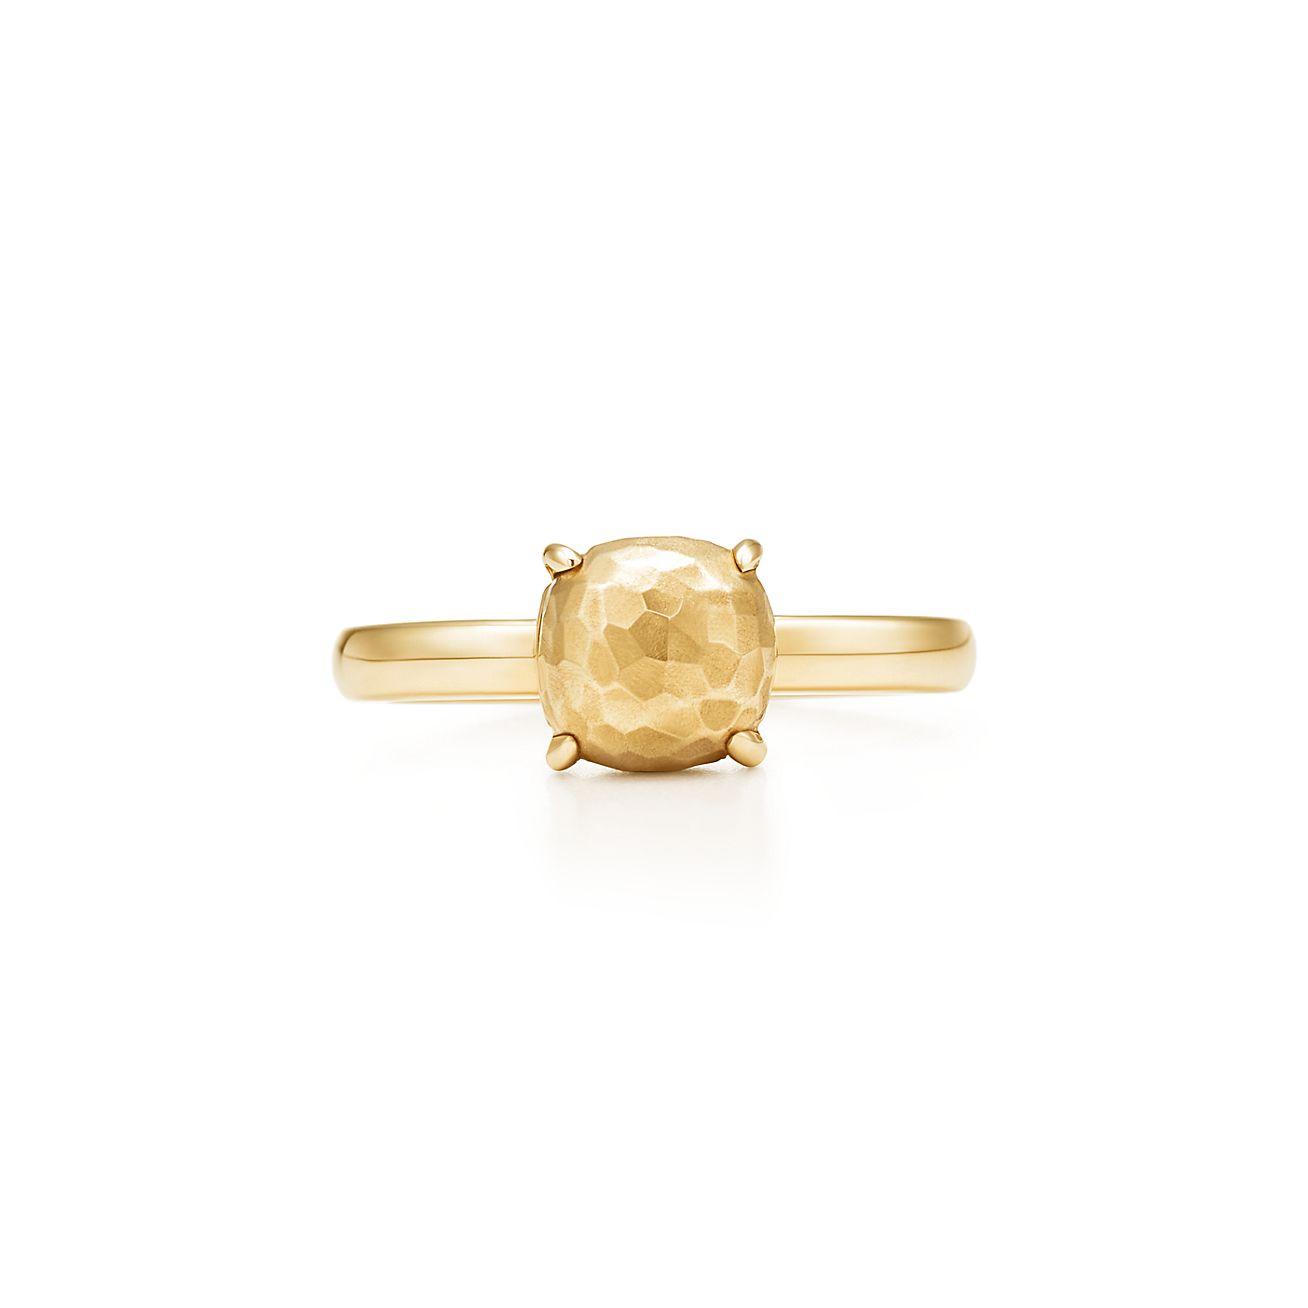 Palomas Sugar Stacks hammered ring in 18k gold - Size 6 Tiffany & Co. qLuc3N